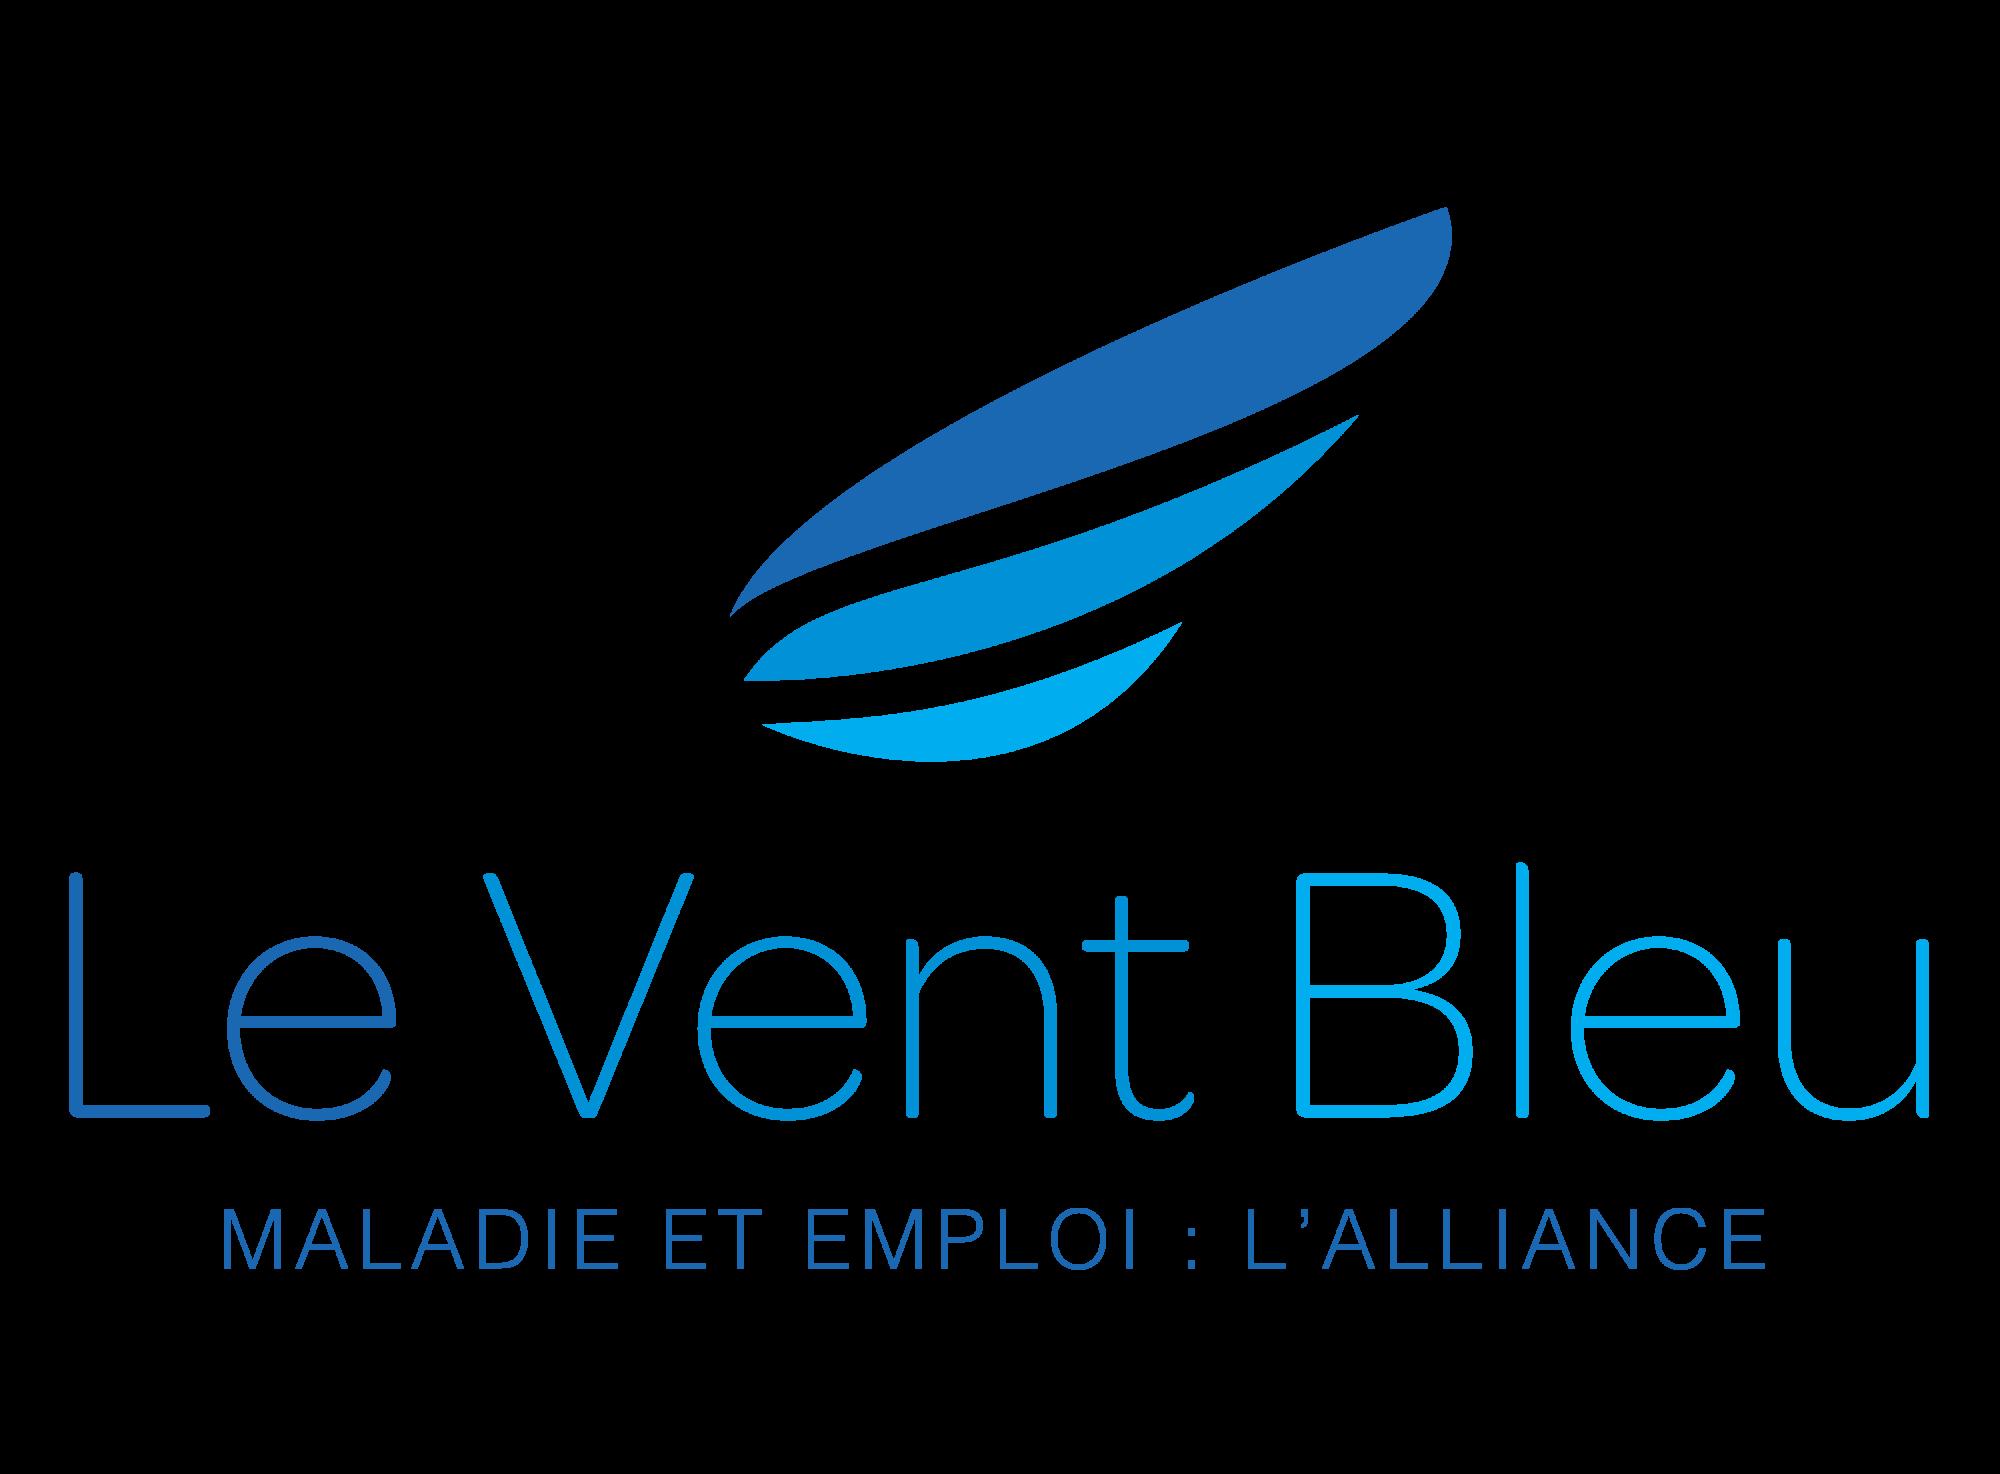 Le Vent Bleu : maladie et emploi : l'alliance